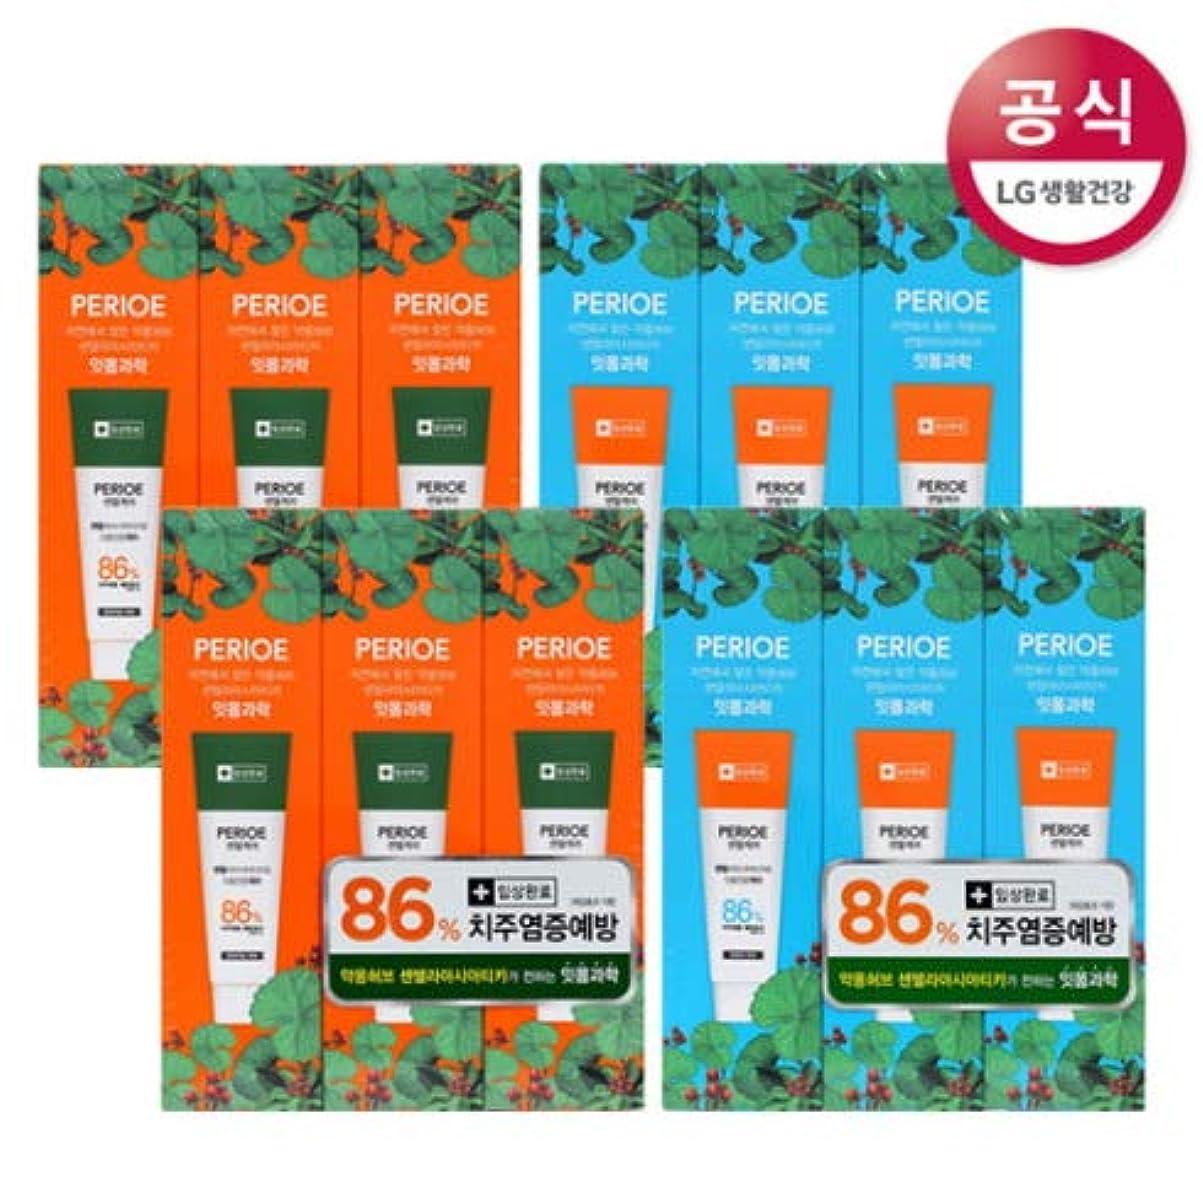 恋人正午楽観[LG HnB] Perio centel care toothpaste/ペリオセンテルケア歯磨き粉 100gx12個(海外直送品)